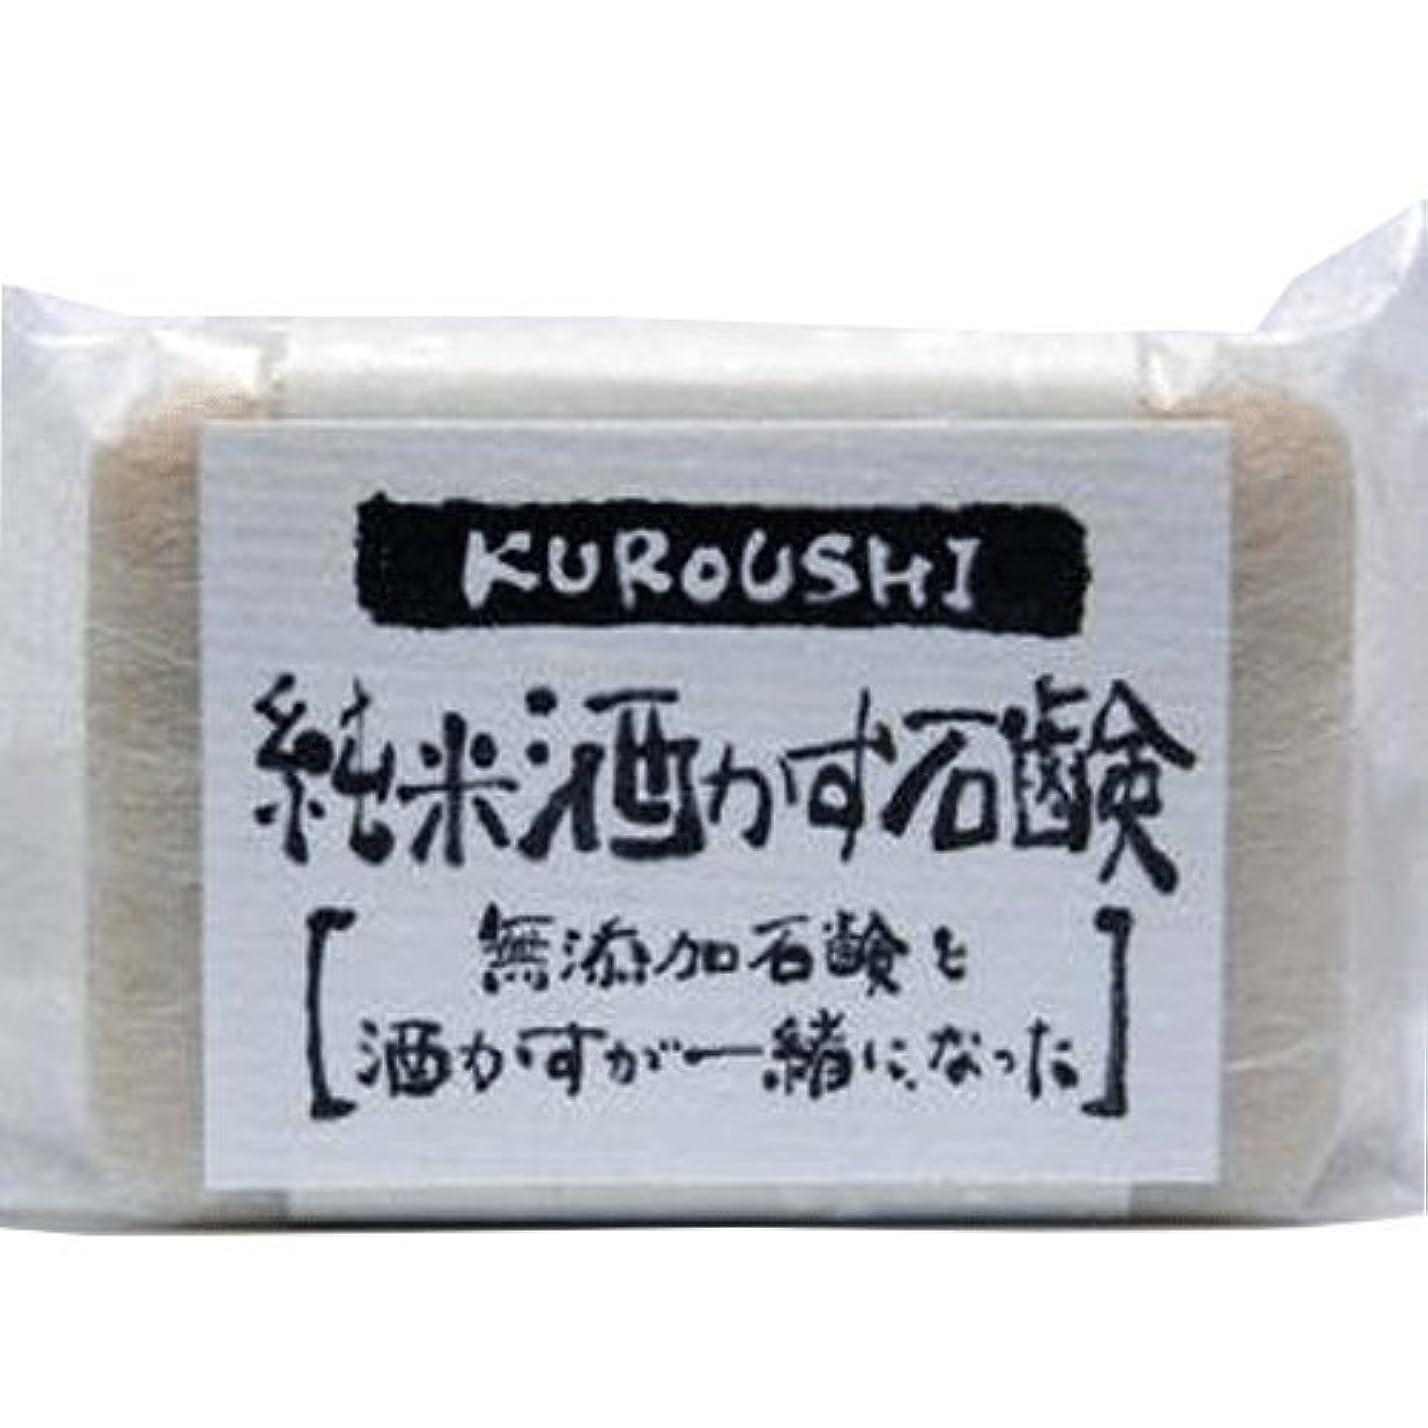 手配する貴重な画像KUROUSHI 純米酒かす 無添加石鹸(せっけん) 120g 6個セット